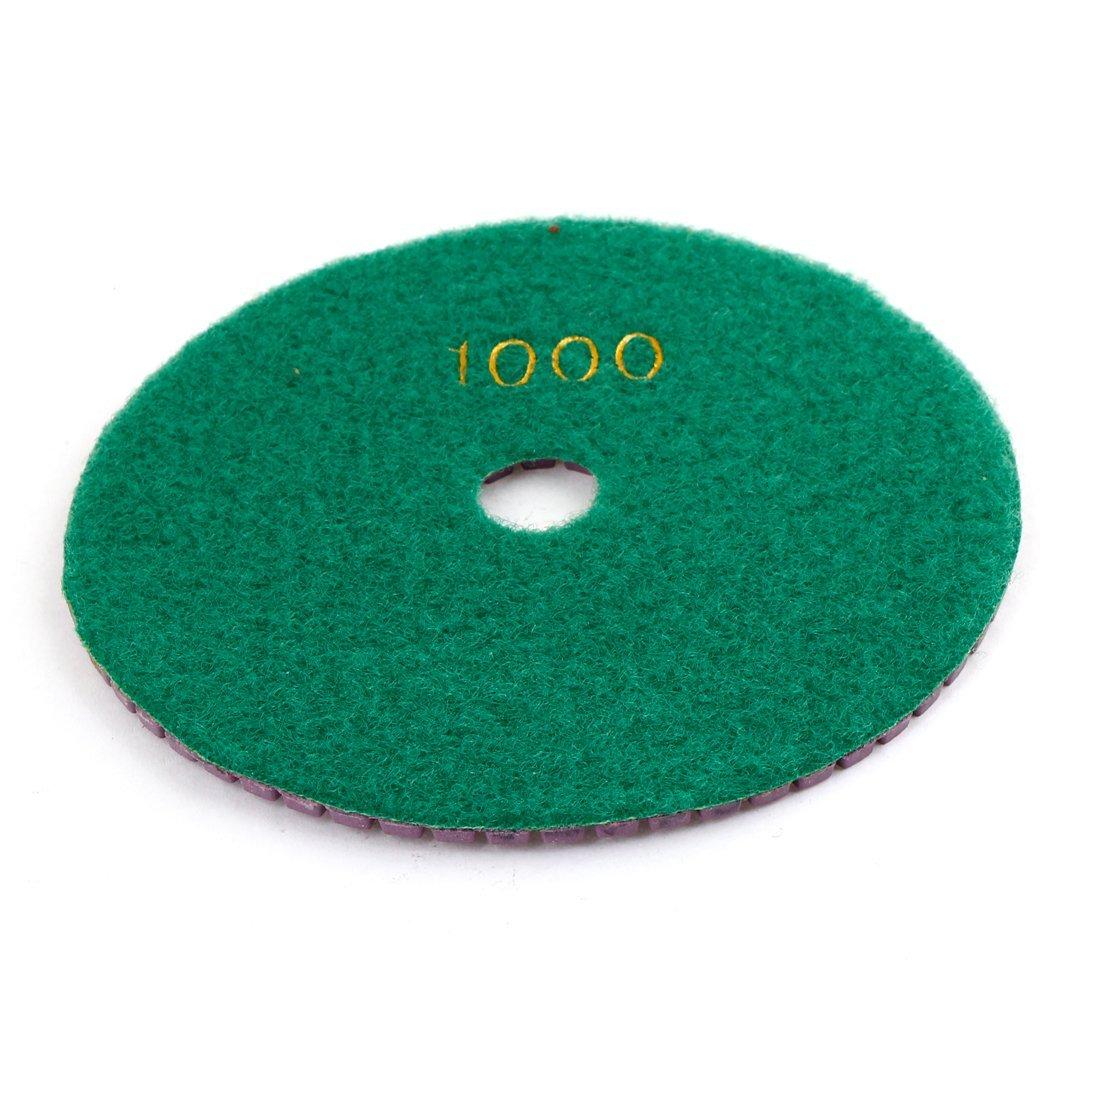 Grinder en marbre a13112000ux0384 diamant Polissage Pad, 1.6x12.5x0.5cm, Vert Violet